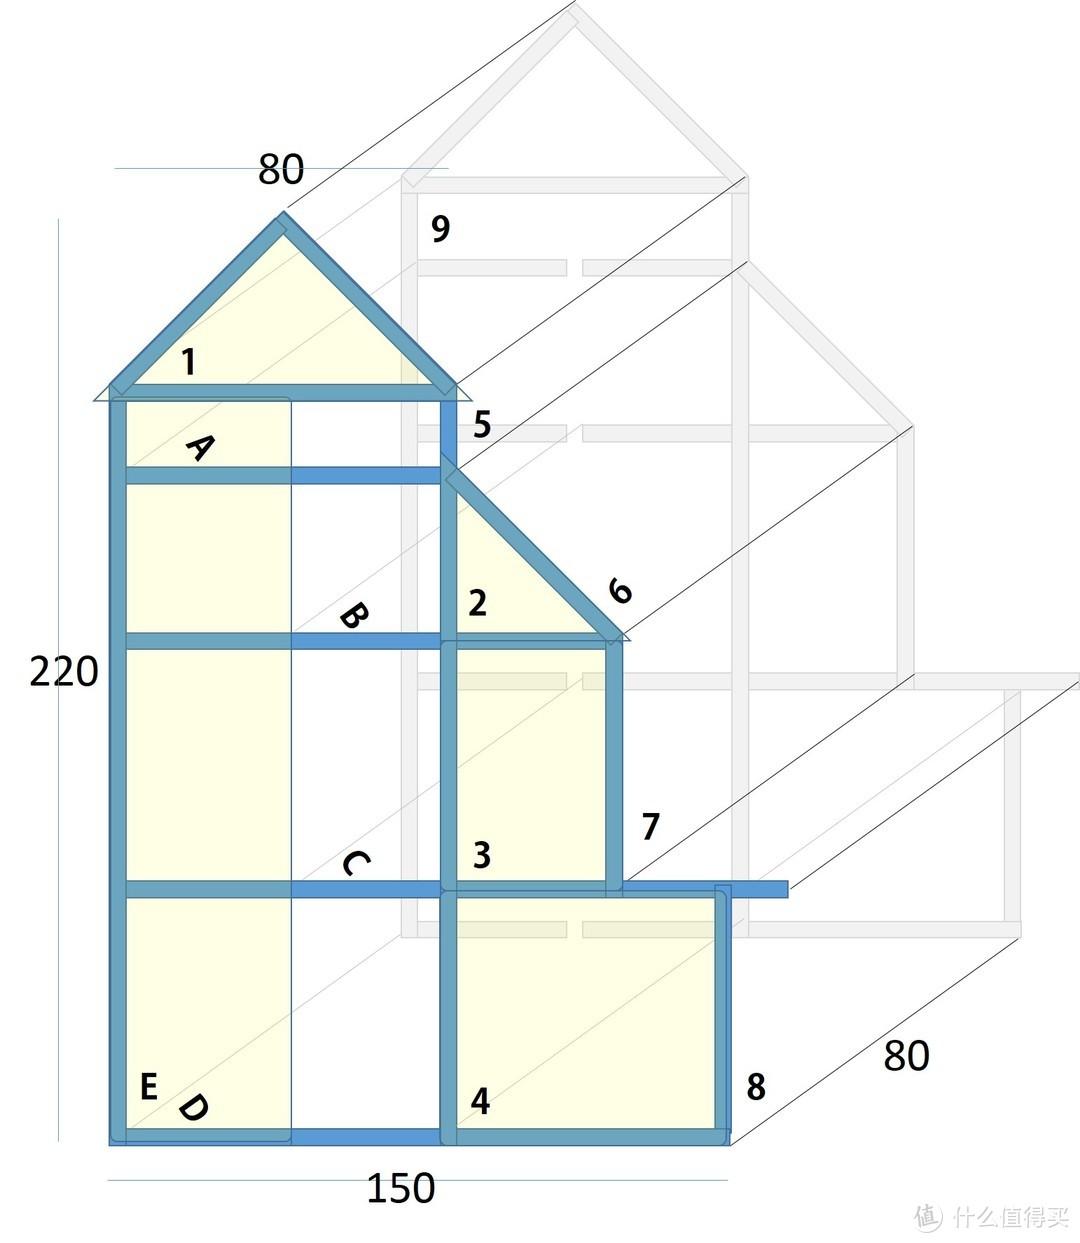 这个就是原始图,事物做出来之后还比较符合,唯一的问题是当时做大衣柜同样的问题,在立起来的时候,对角线的长度会不会超过层高